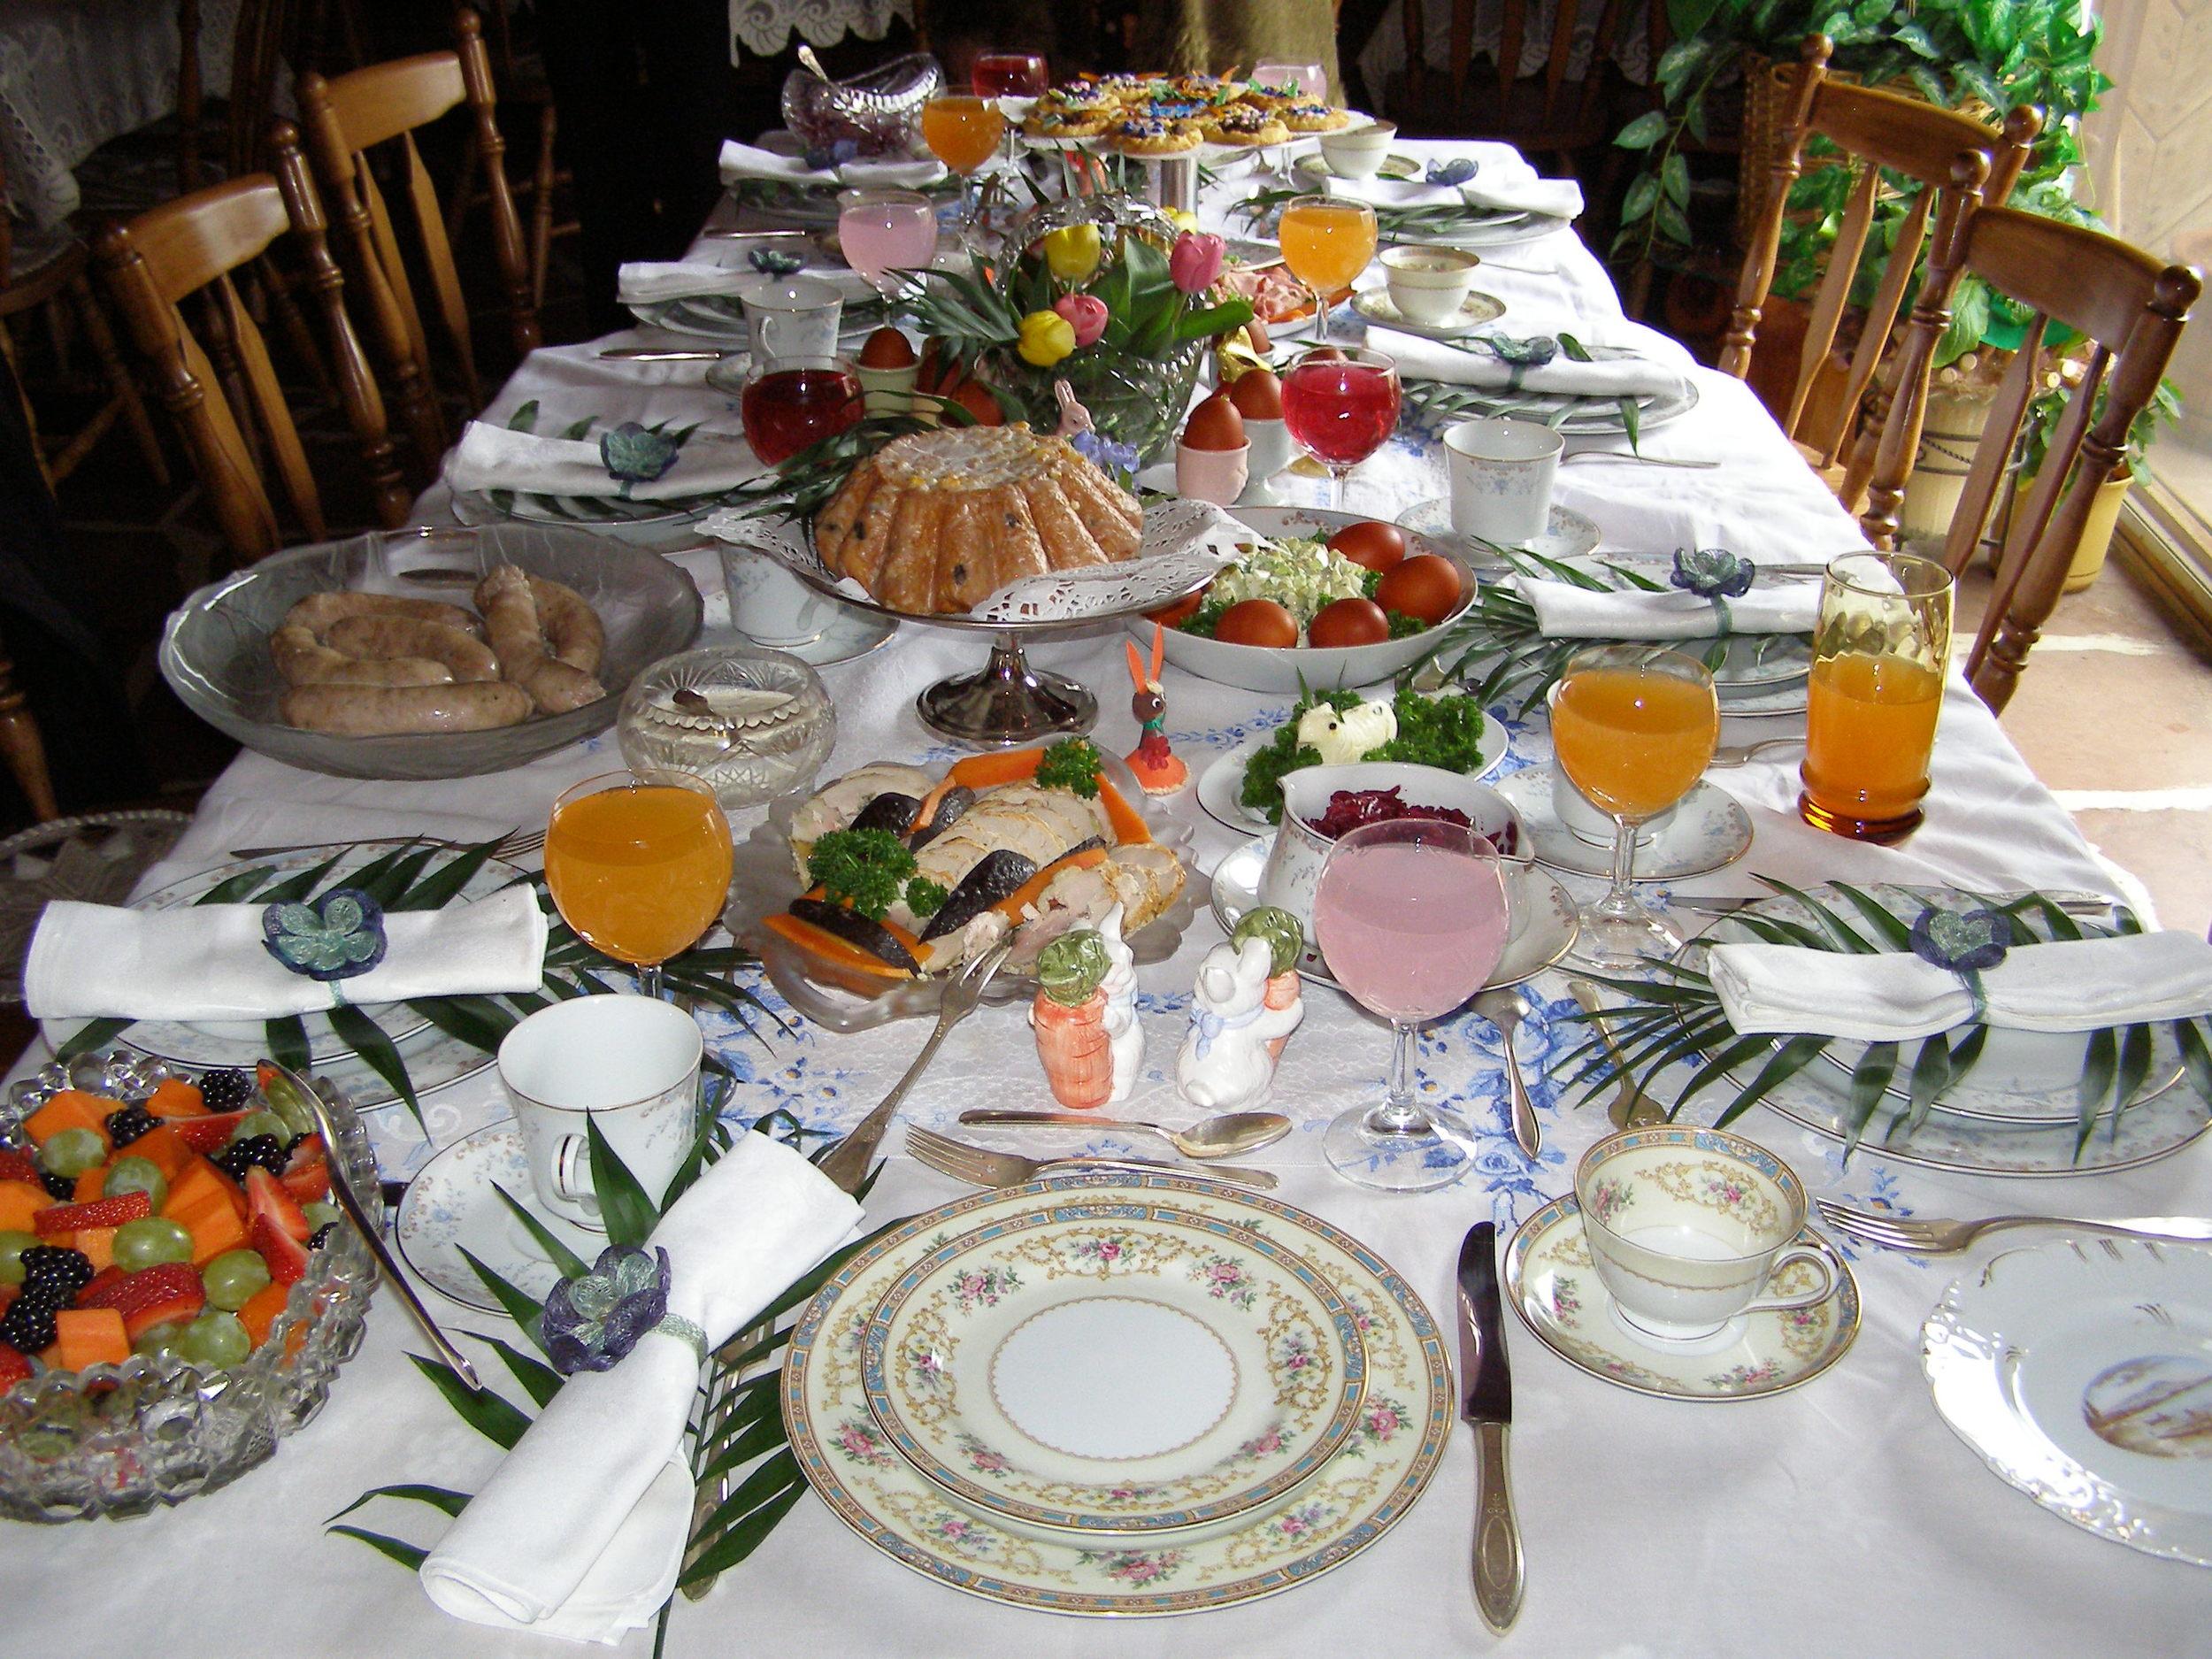 Easter table2.JPG